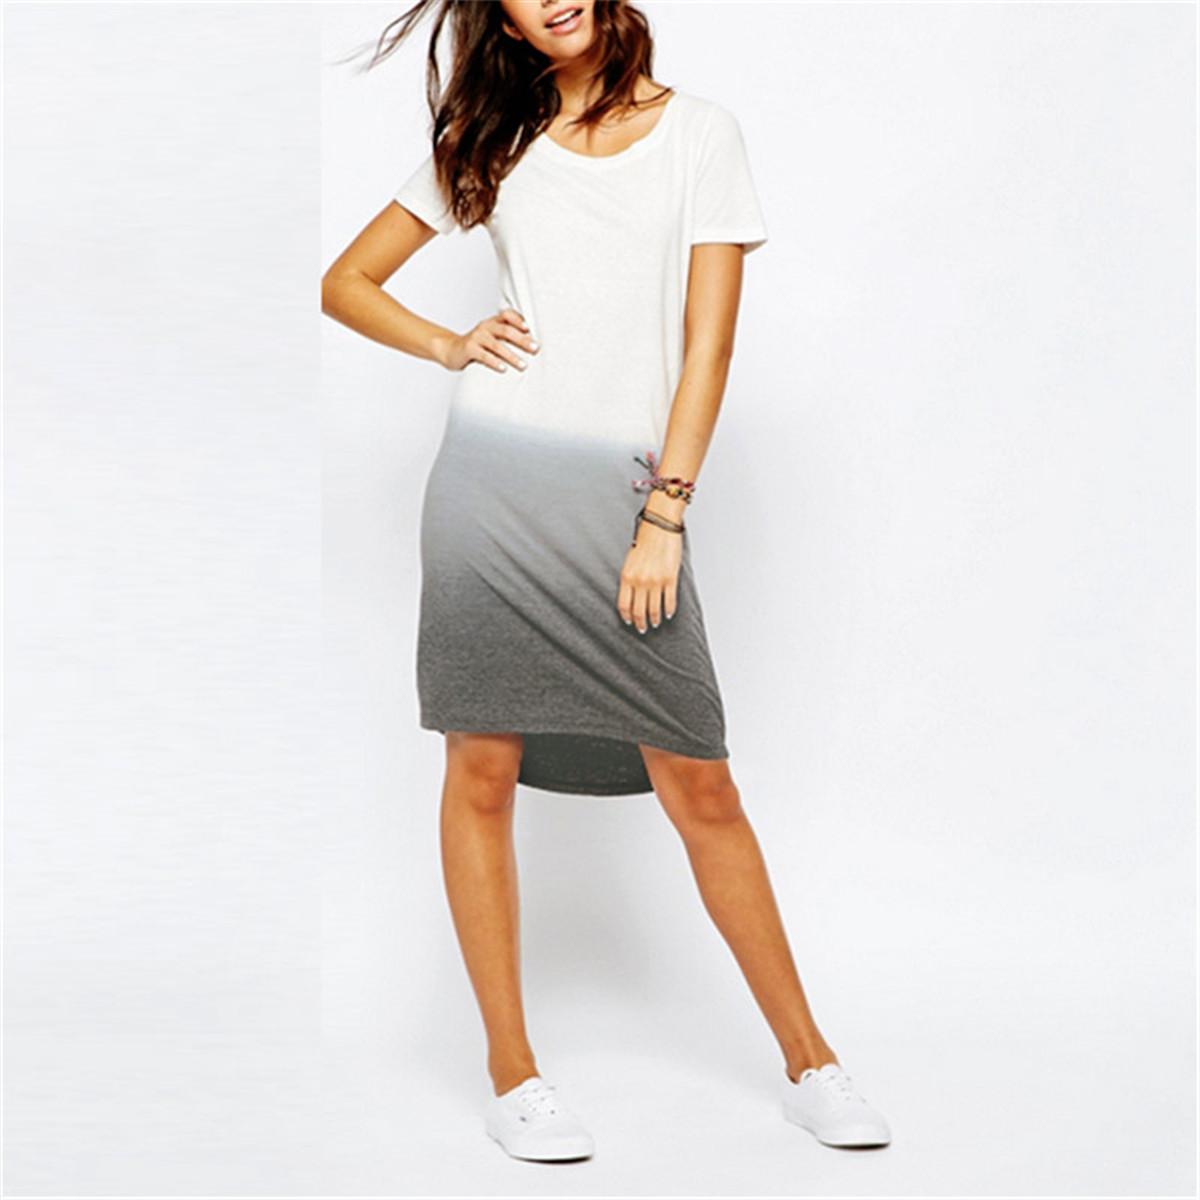 Short sleeve dress shirt fashion 4